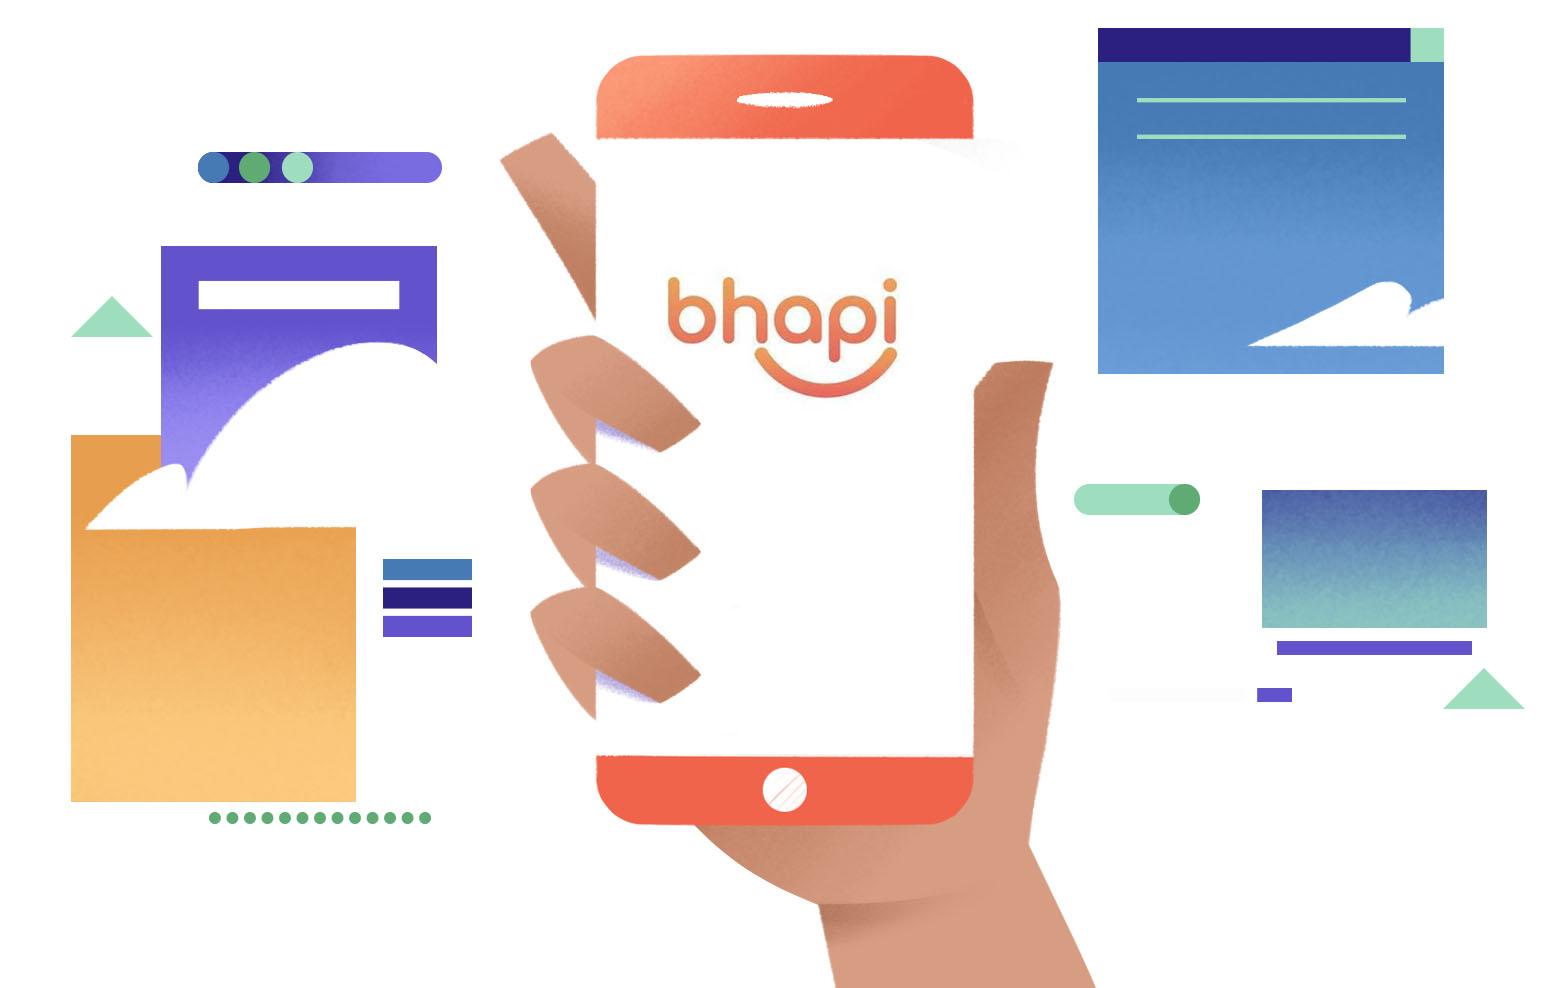 bhapi vision